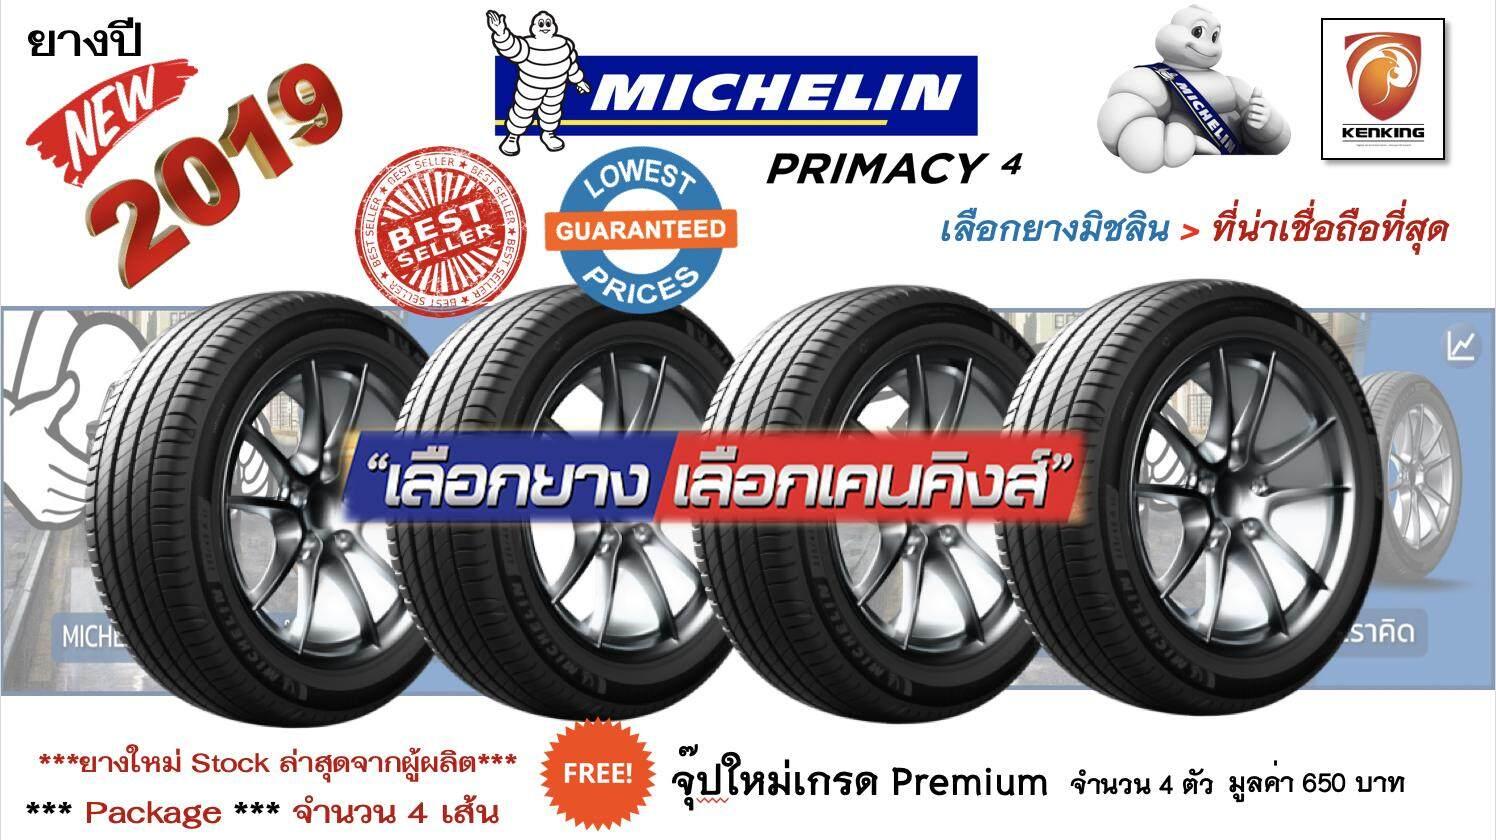 ประกันภัย รถยนต์ 3 พลัส ราคา ถูก ลพบุรี ยางรถยนต์ขอบ17 Michelin มิชลิน NEW!! ปี 2019 225/50 R17 Primacy 4 (Shock Price !!) ฟรี!! จุ๊ป Premium 650 บาท